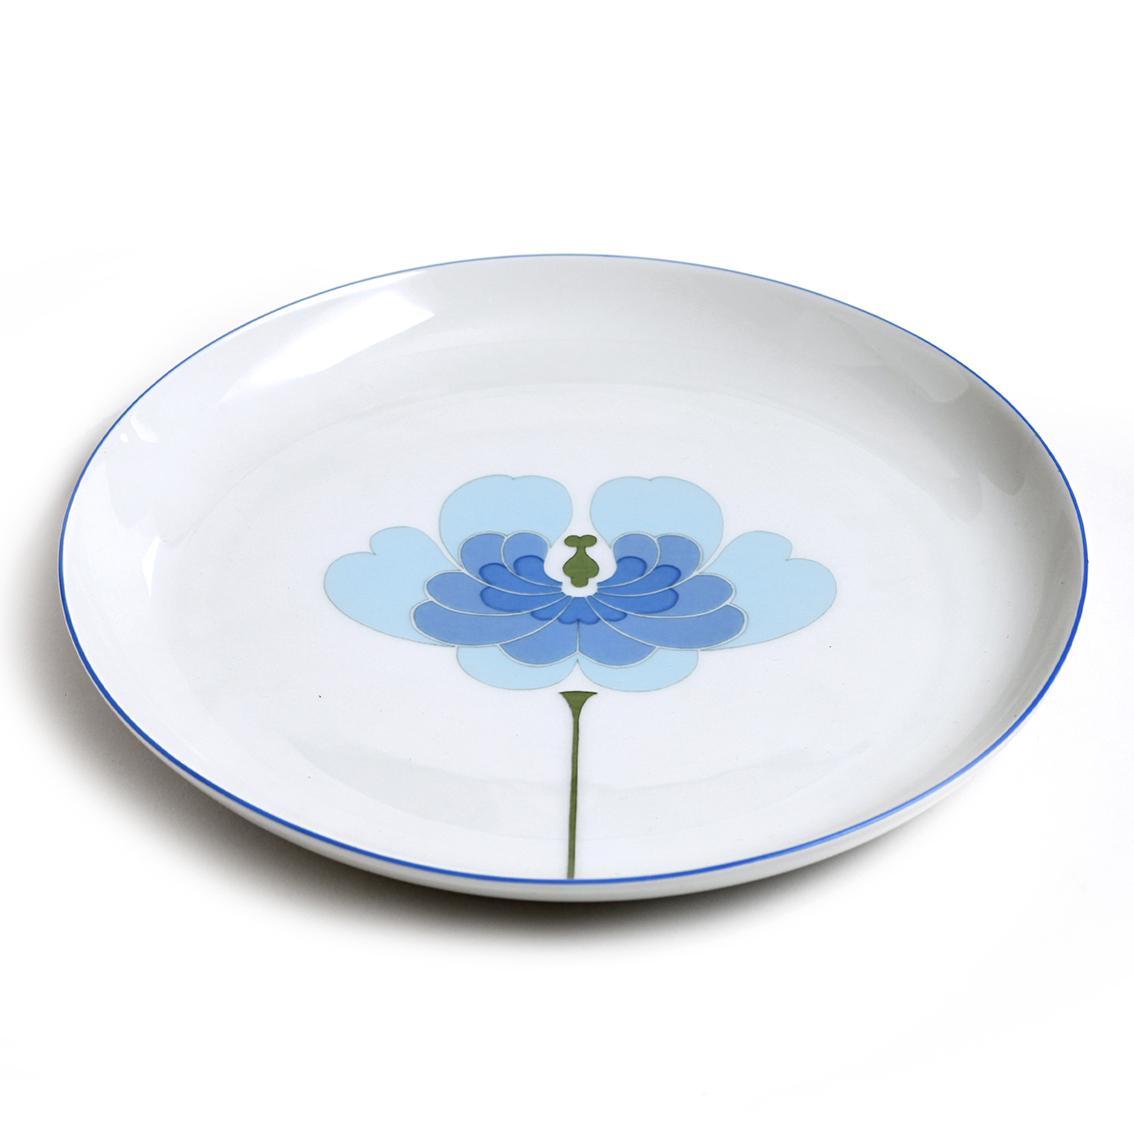 Rosenthal ローゼンタール Rut Bryk ルート ブリュック Century センチュリー 青い蓮の花の皿 ヴィンテージ